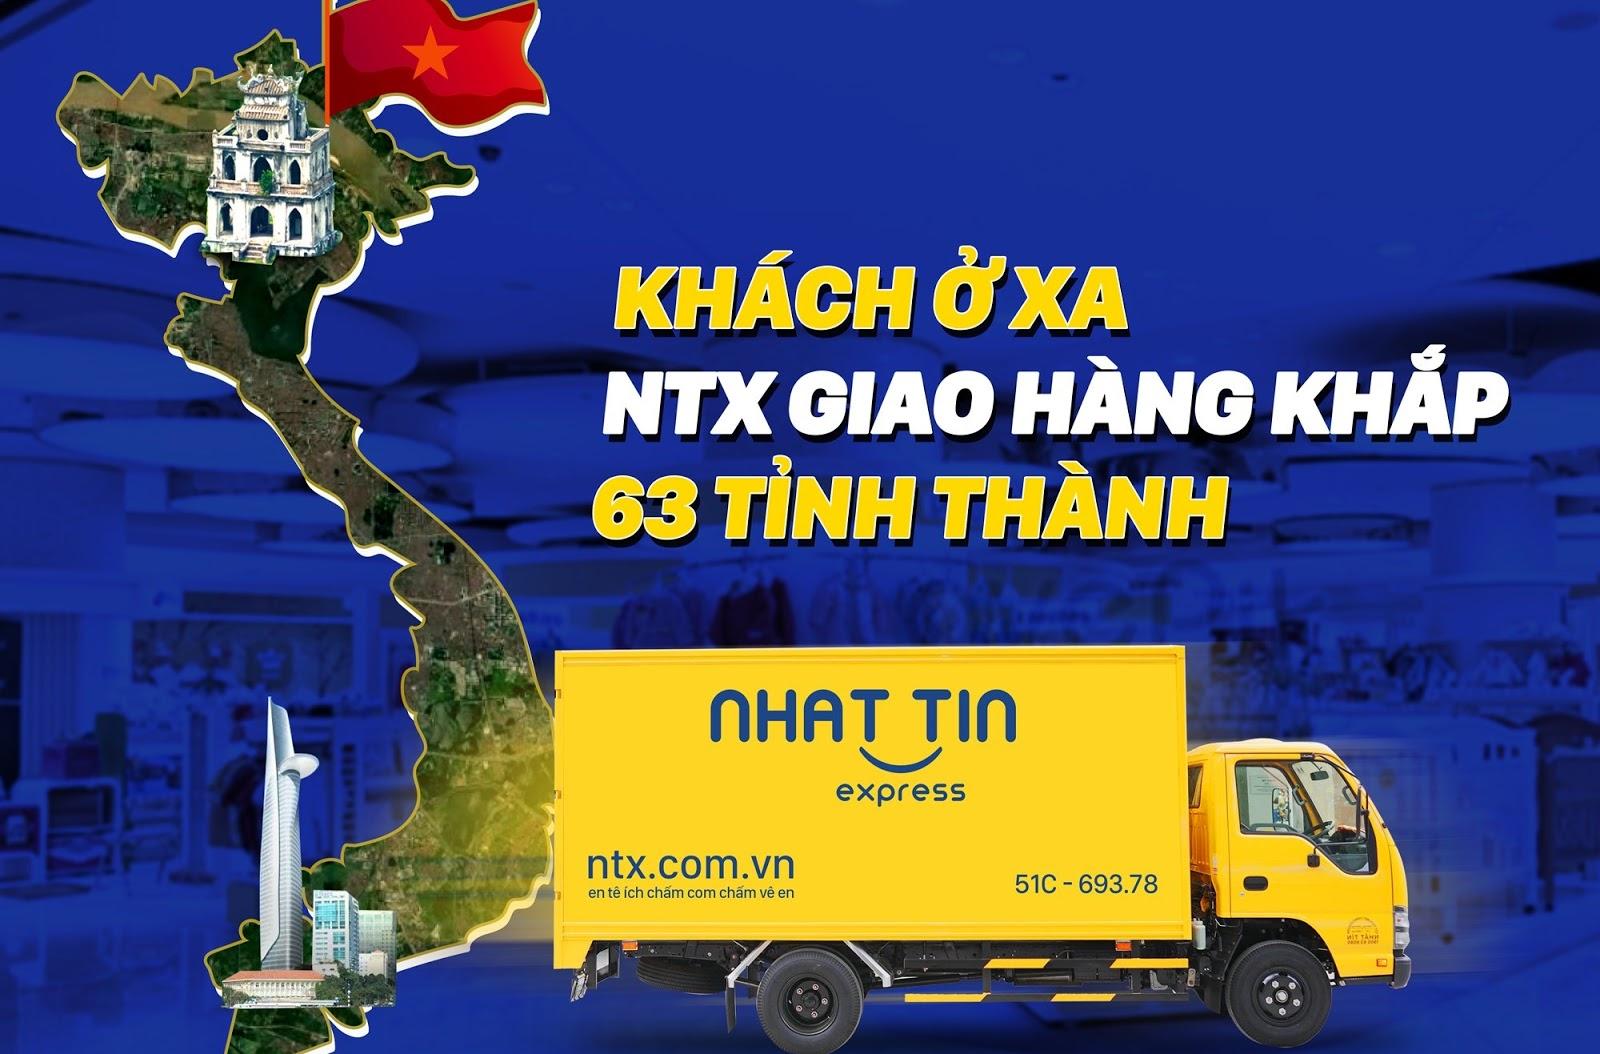 Đơn vị gửi hàng nhanh uy tín NTX - Nhất Tín Express